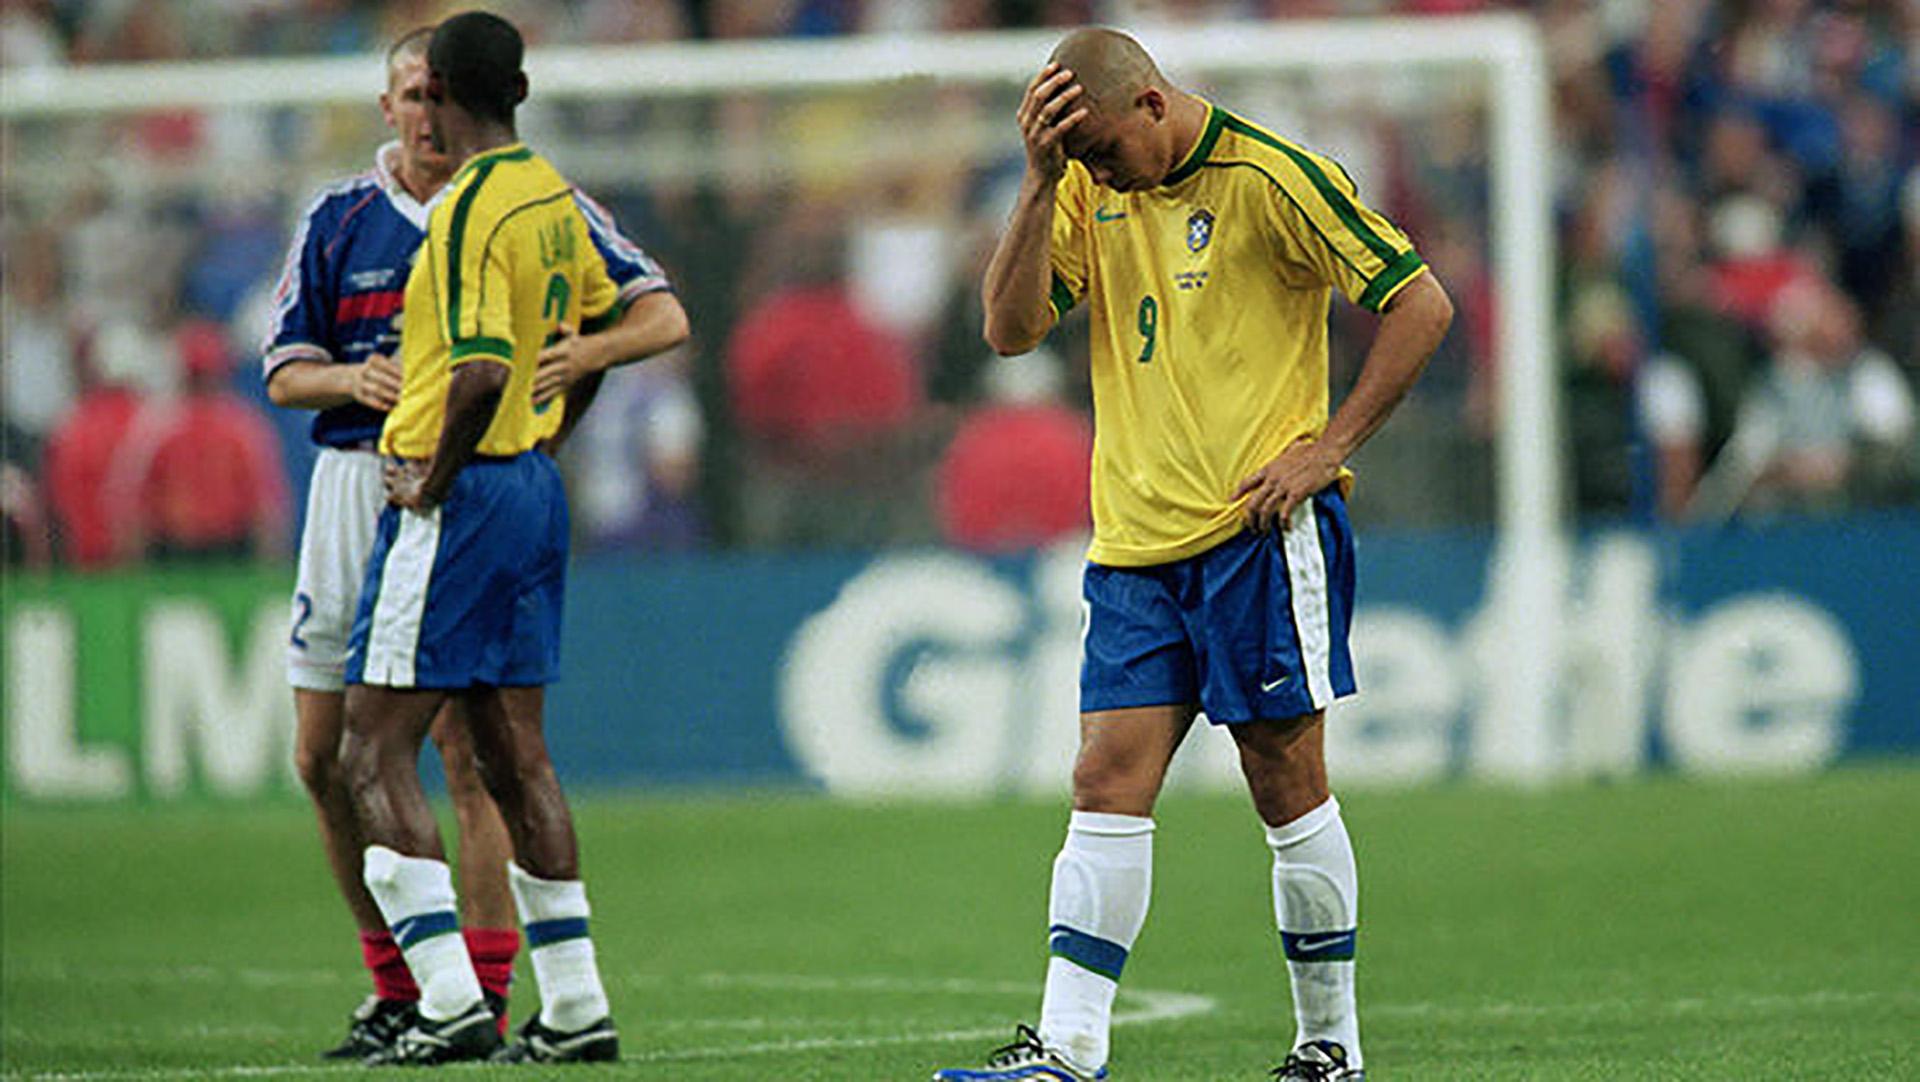 Ronaldo jugó la final del Mundial de Francia 1998 tras sufrir convulsiones en el hotel (Getty Images)